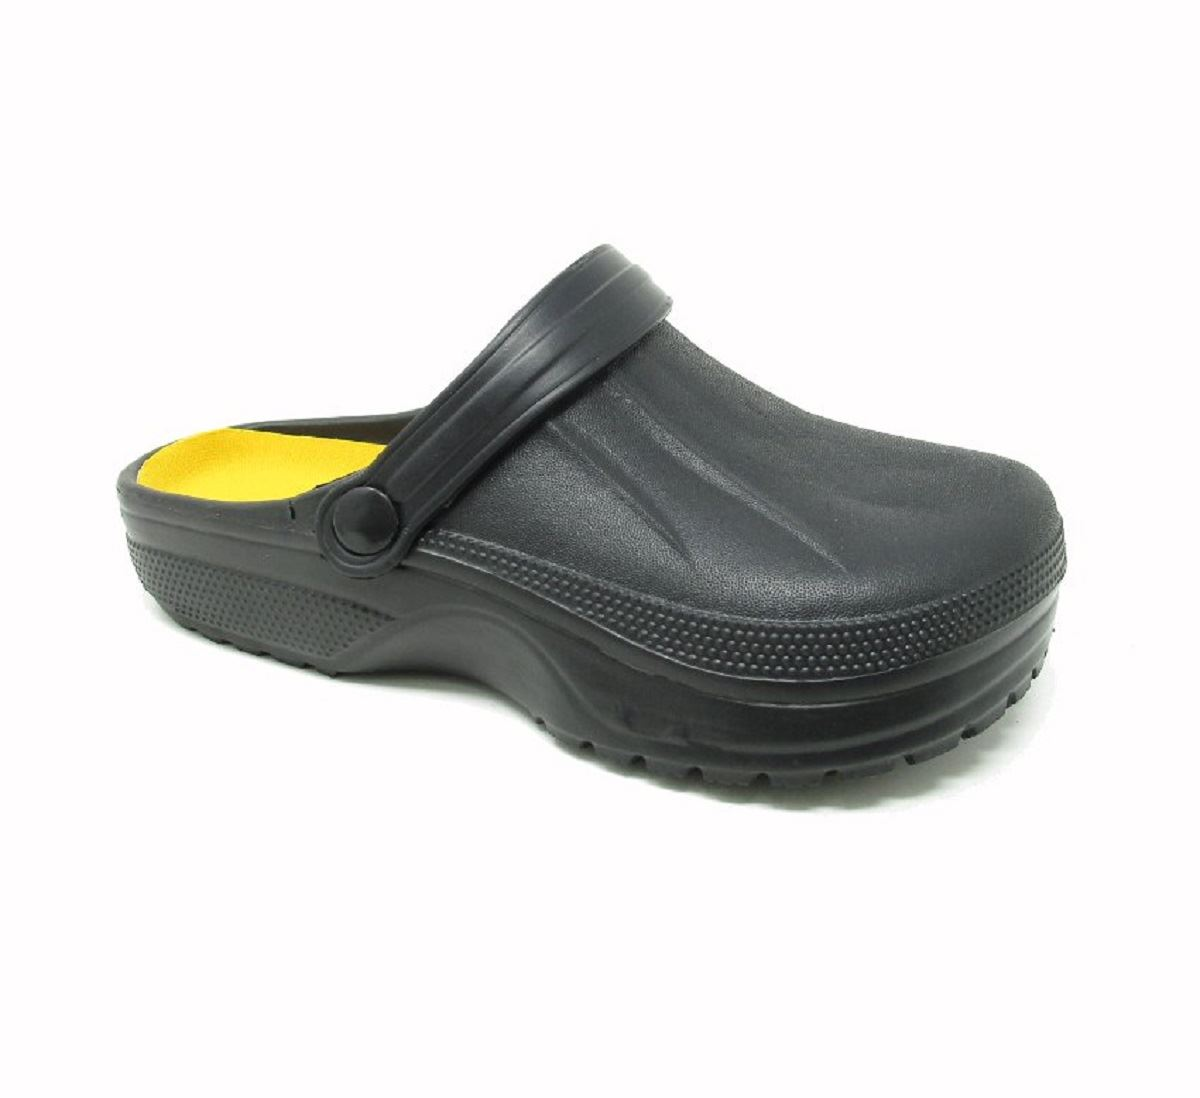 Womens-Clogs-Mules-Slipper-Nursing-Garden-Beach-Sandals-Hospital-Rubber-Shoes miniatura 8